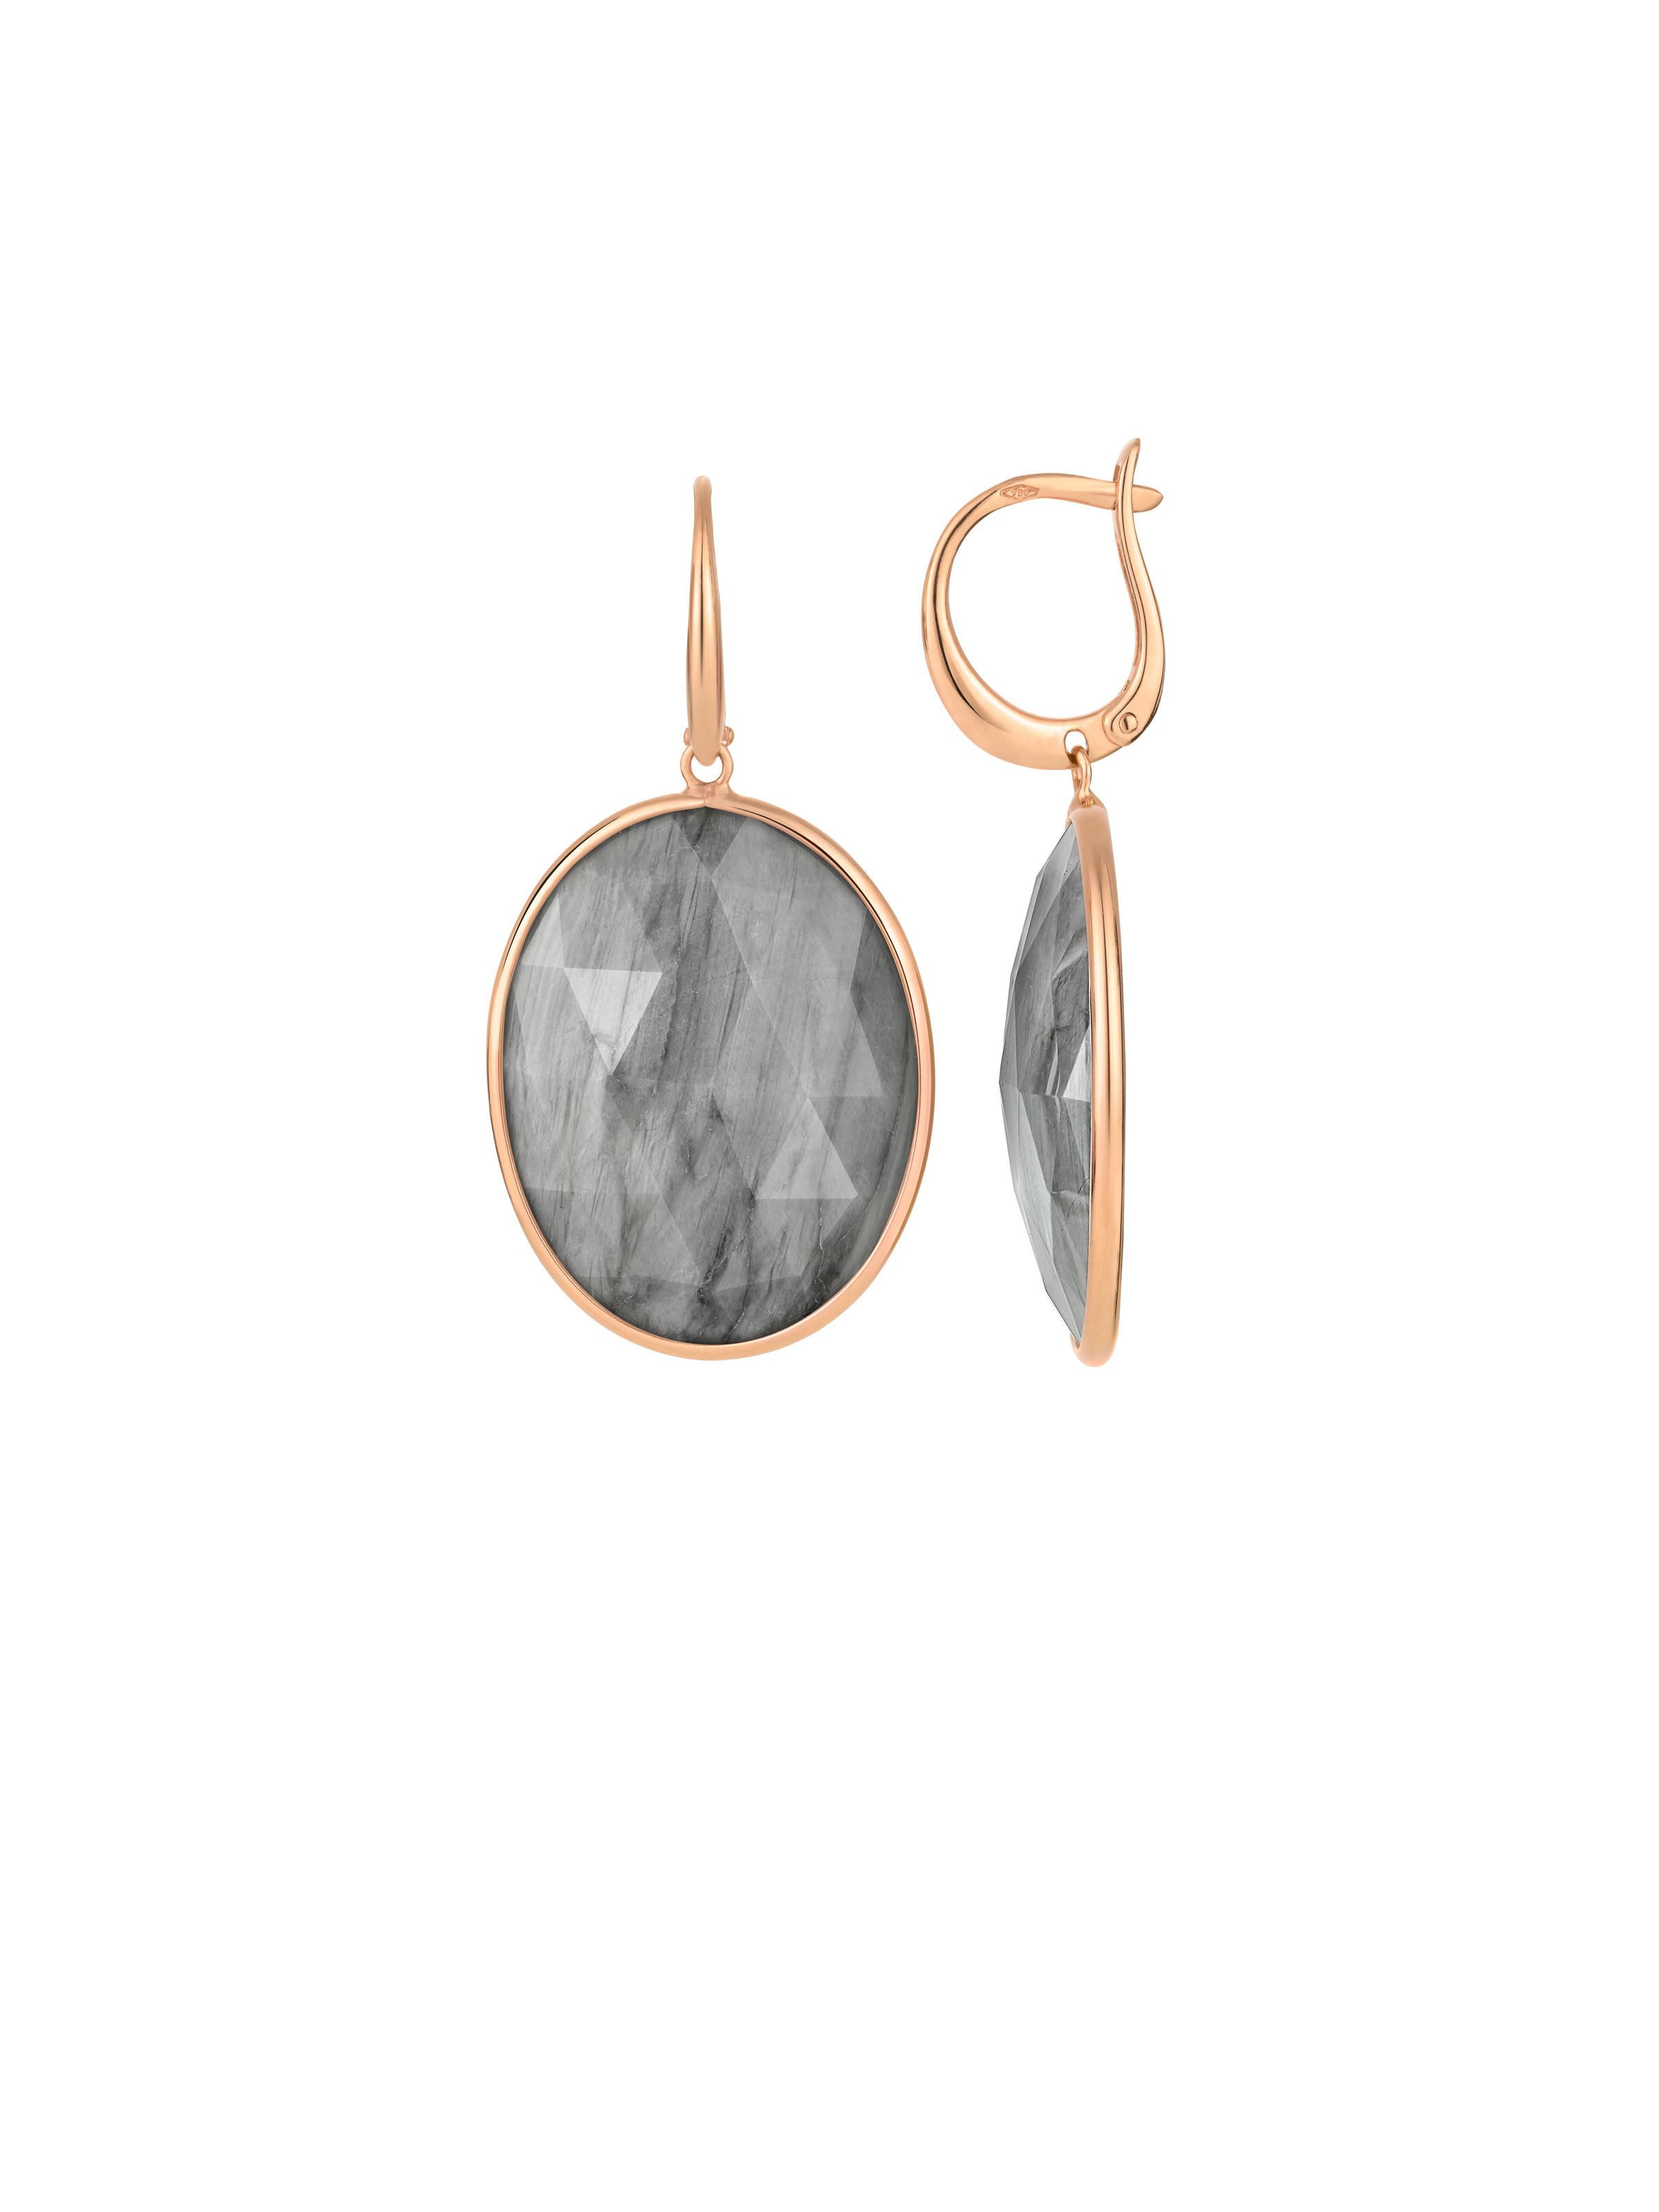 Electrify pendant earrings